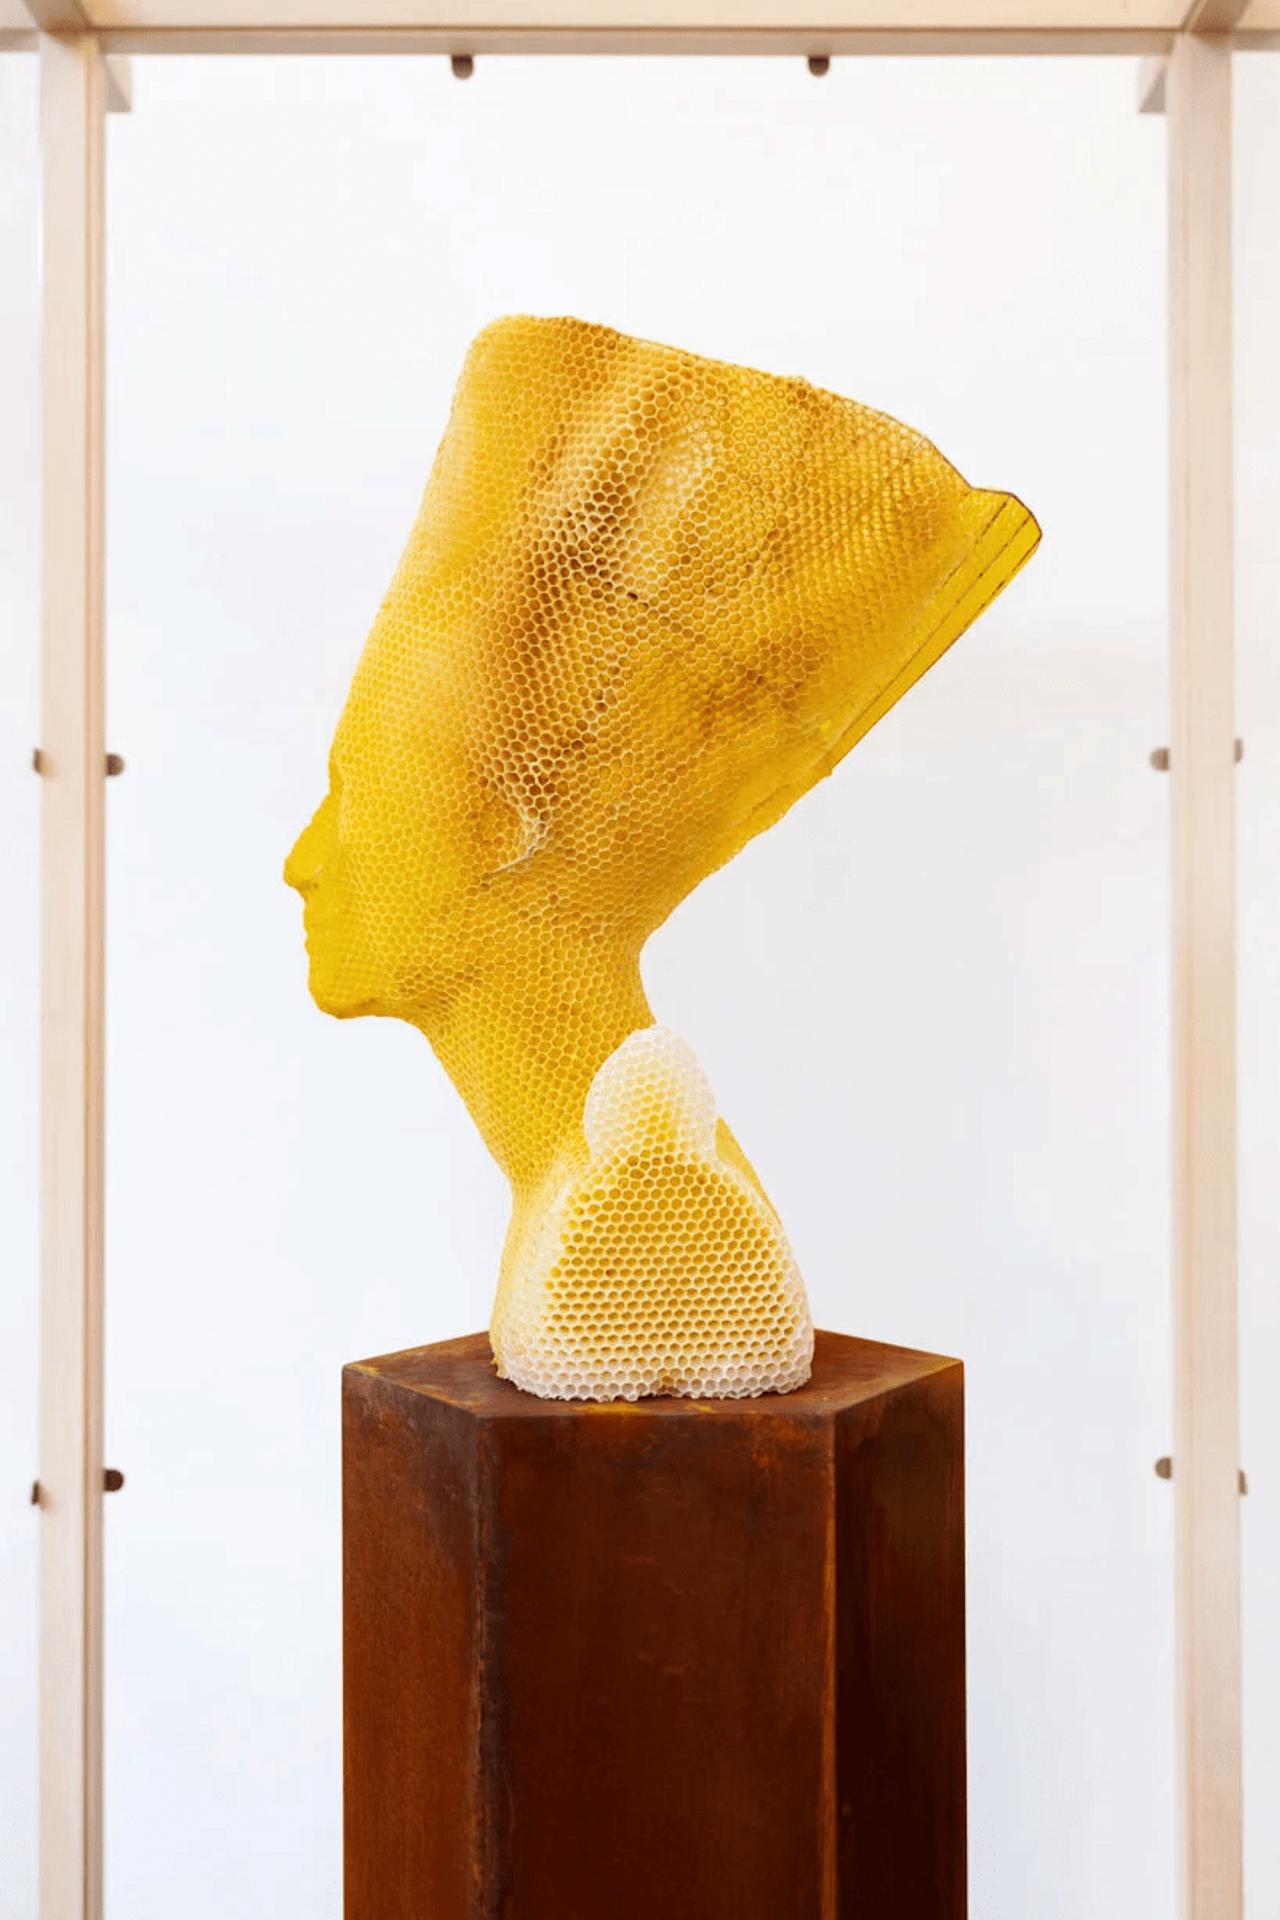 Le buste de Néfertiti sculpté en cire d'abeille par Tomáš Libertíny